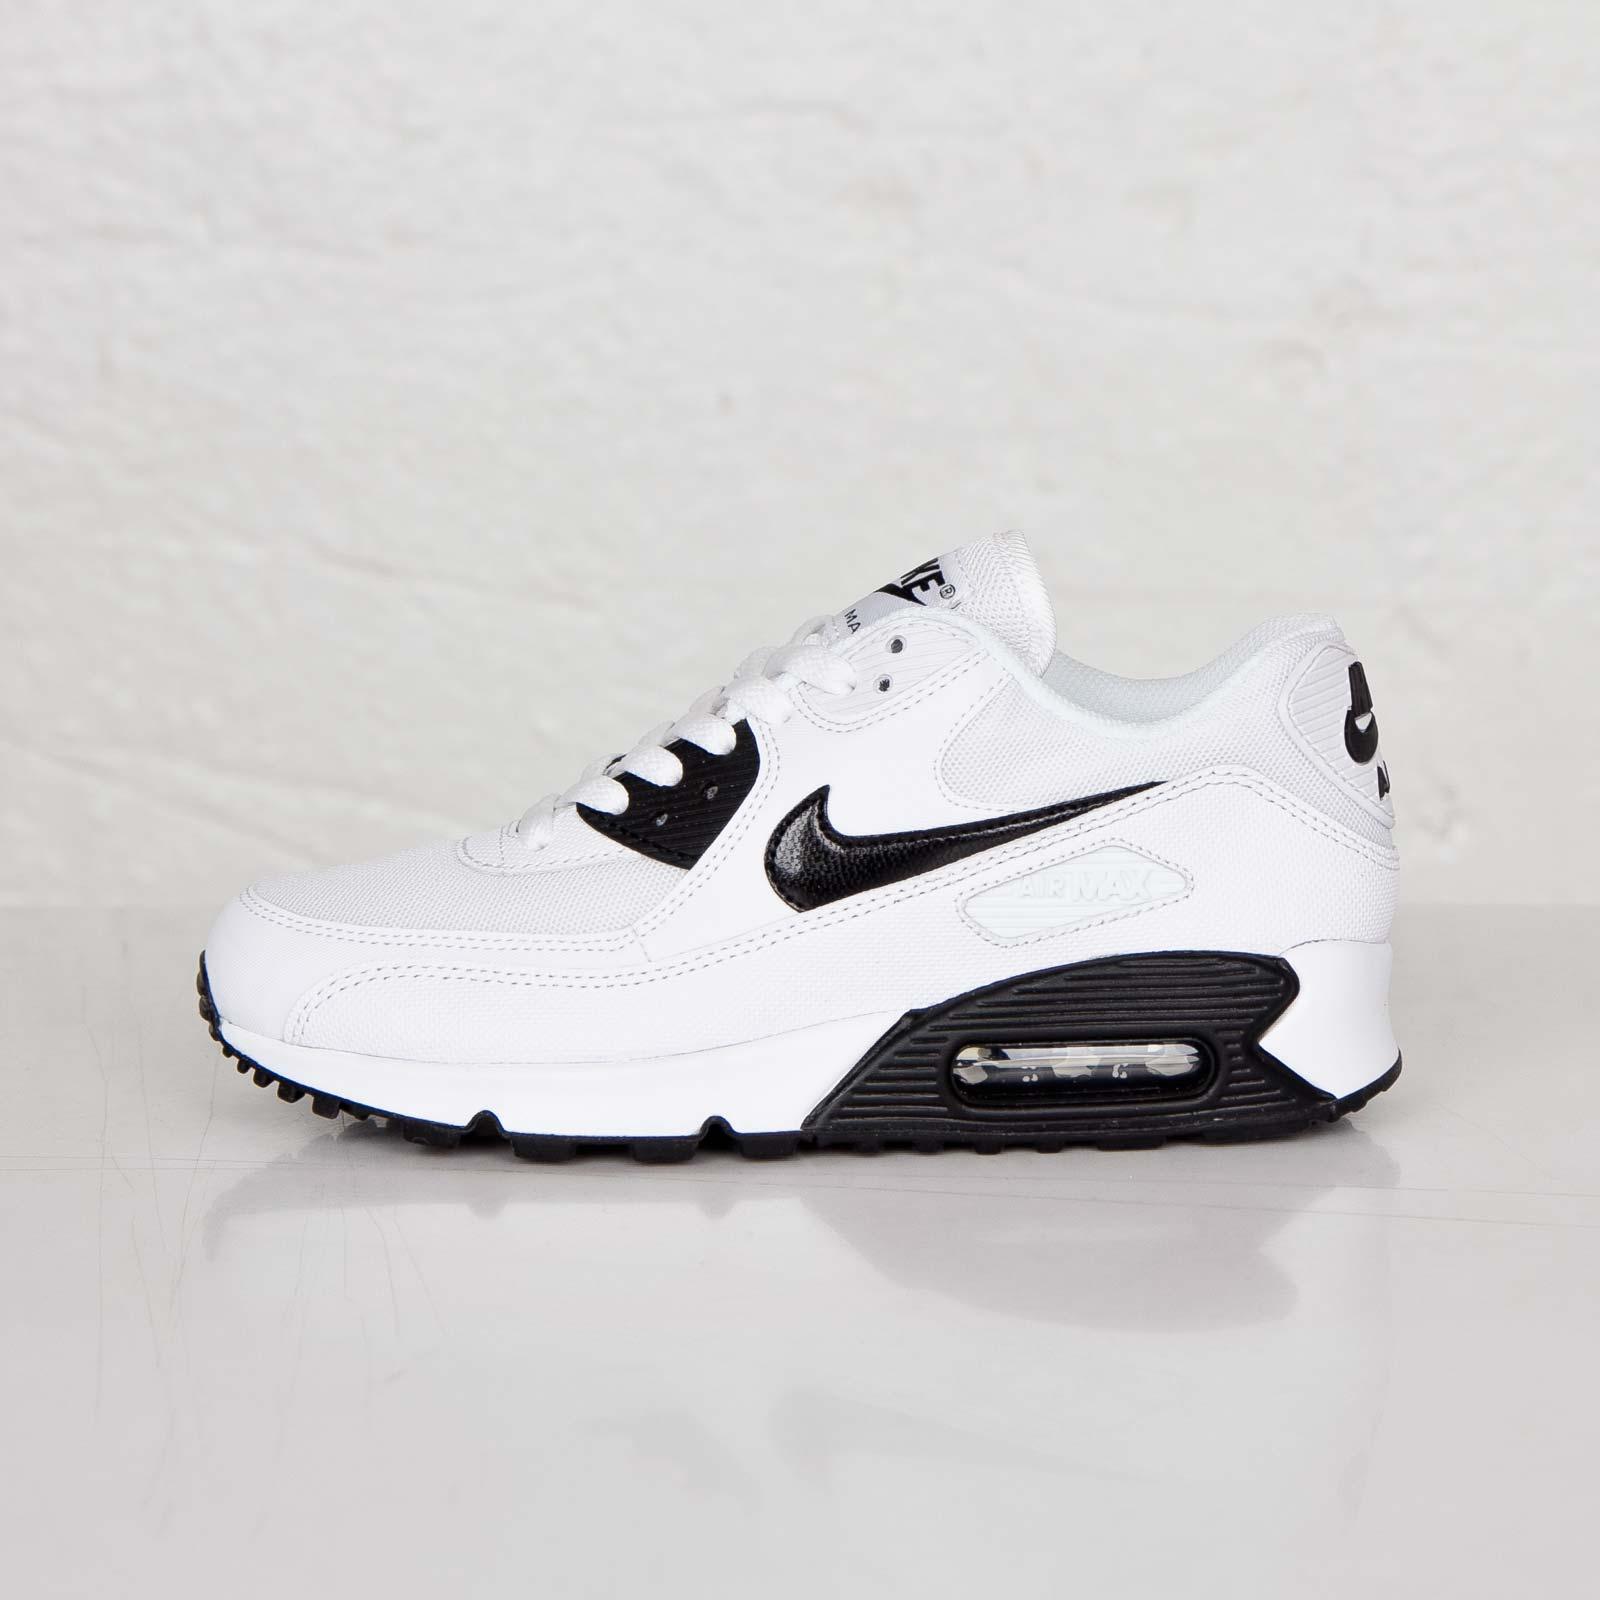 de95e6b9f8c Nike Wmns Air Max 90 Essential - 616730-110 - Sneakersnstuff ...